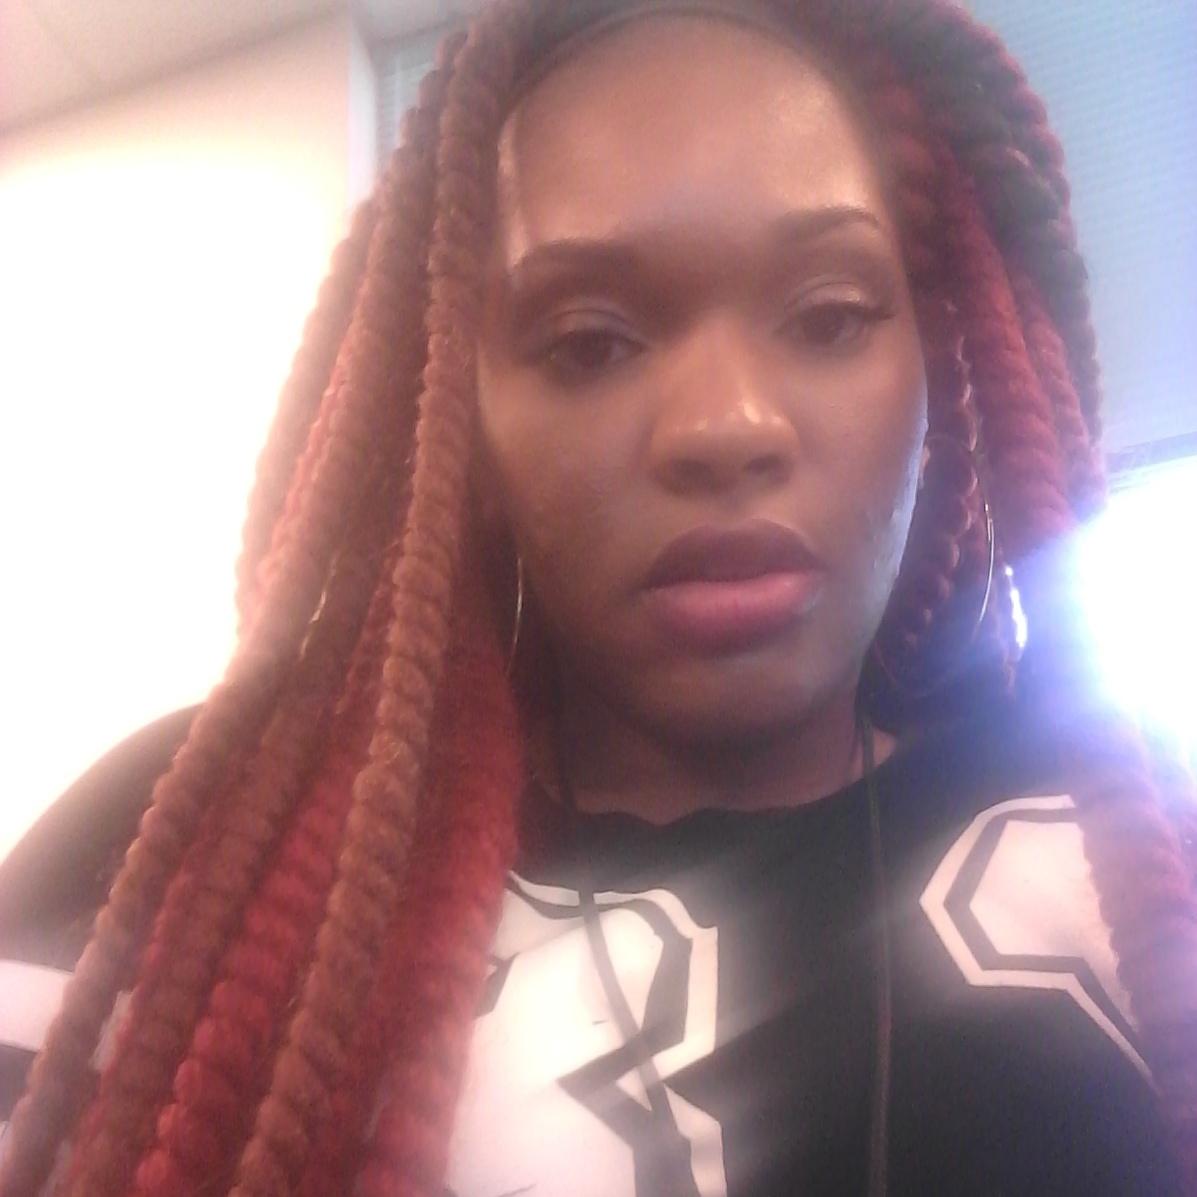 Queen Jazee